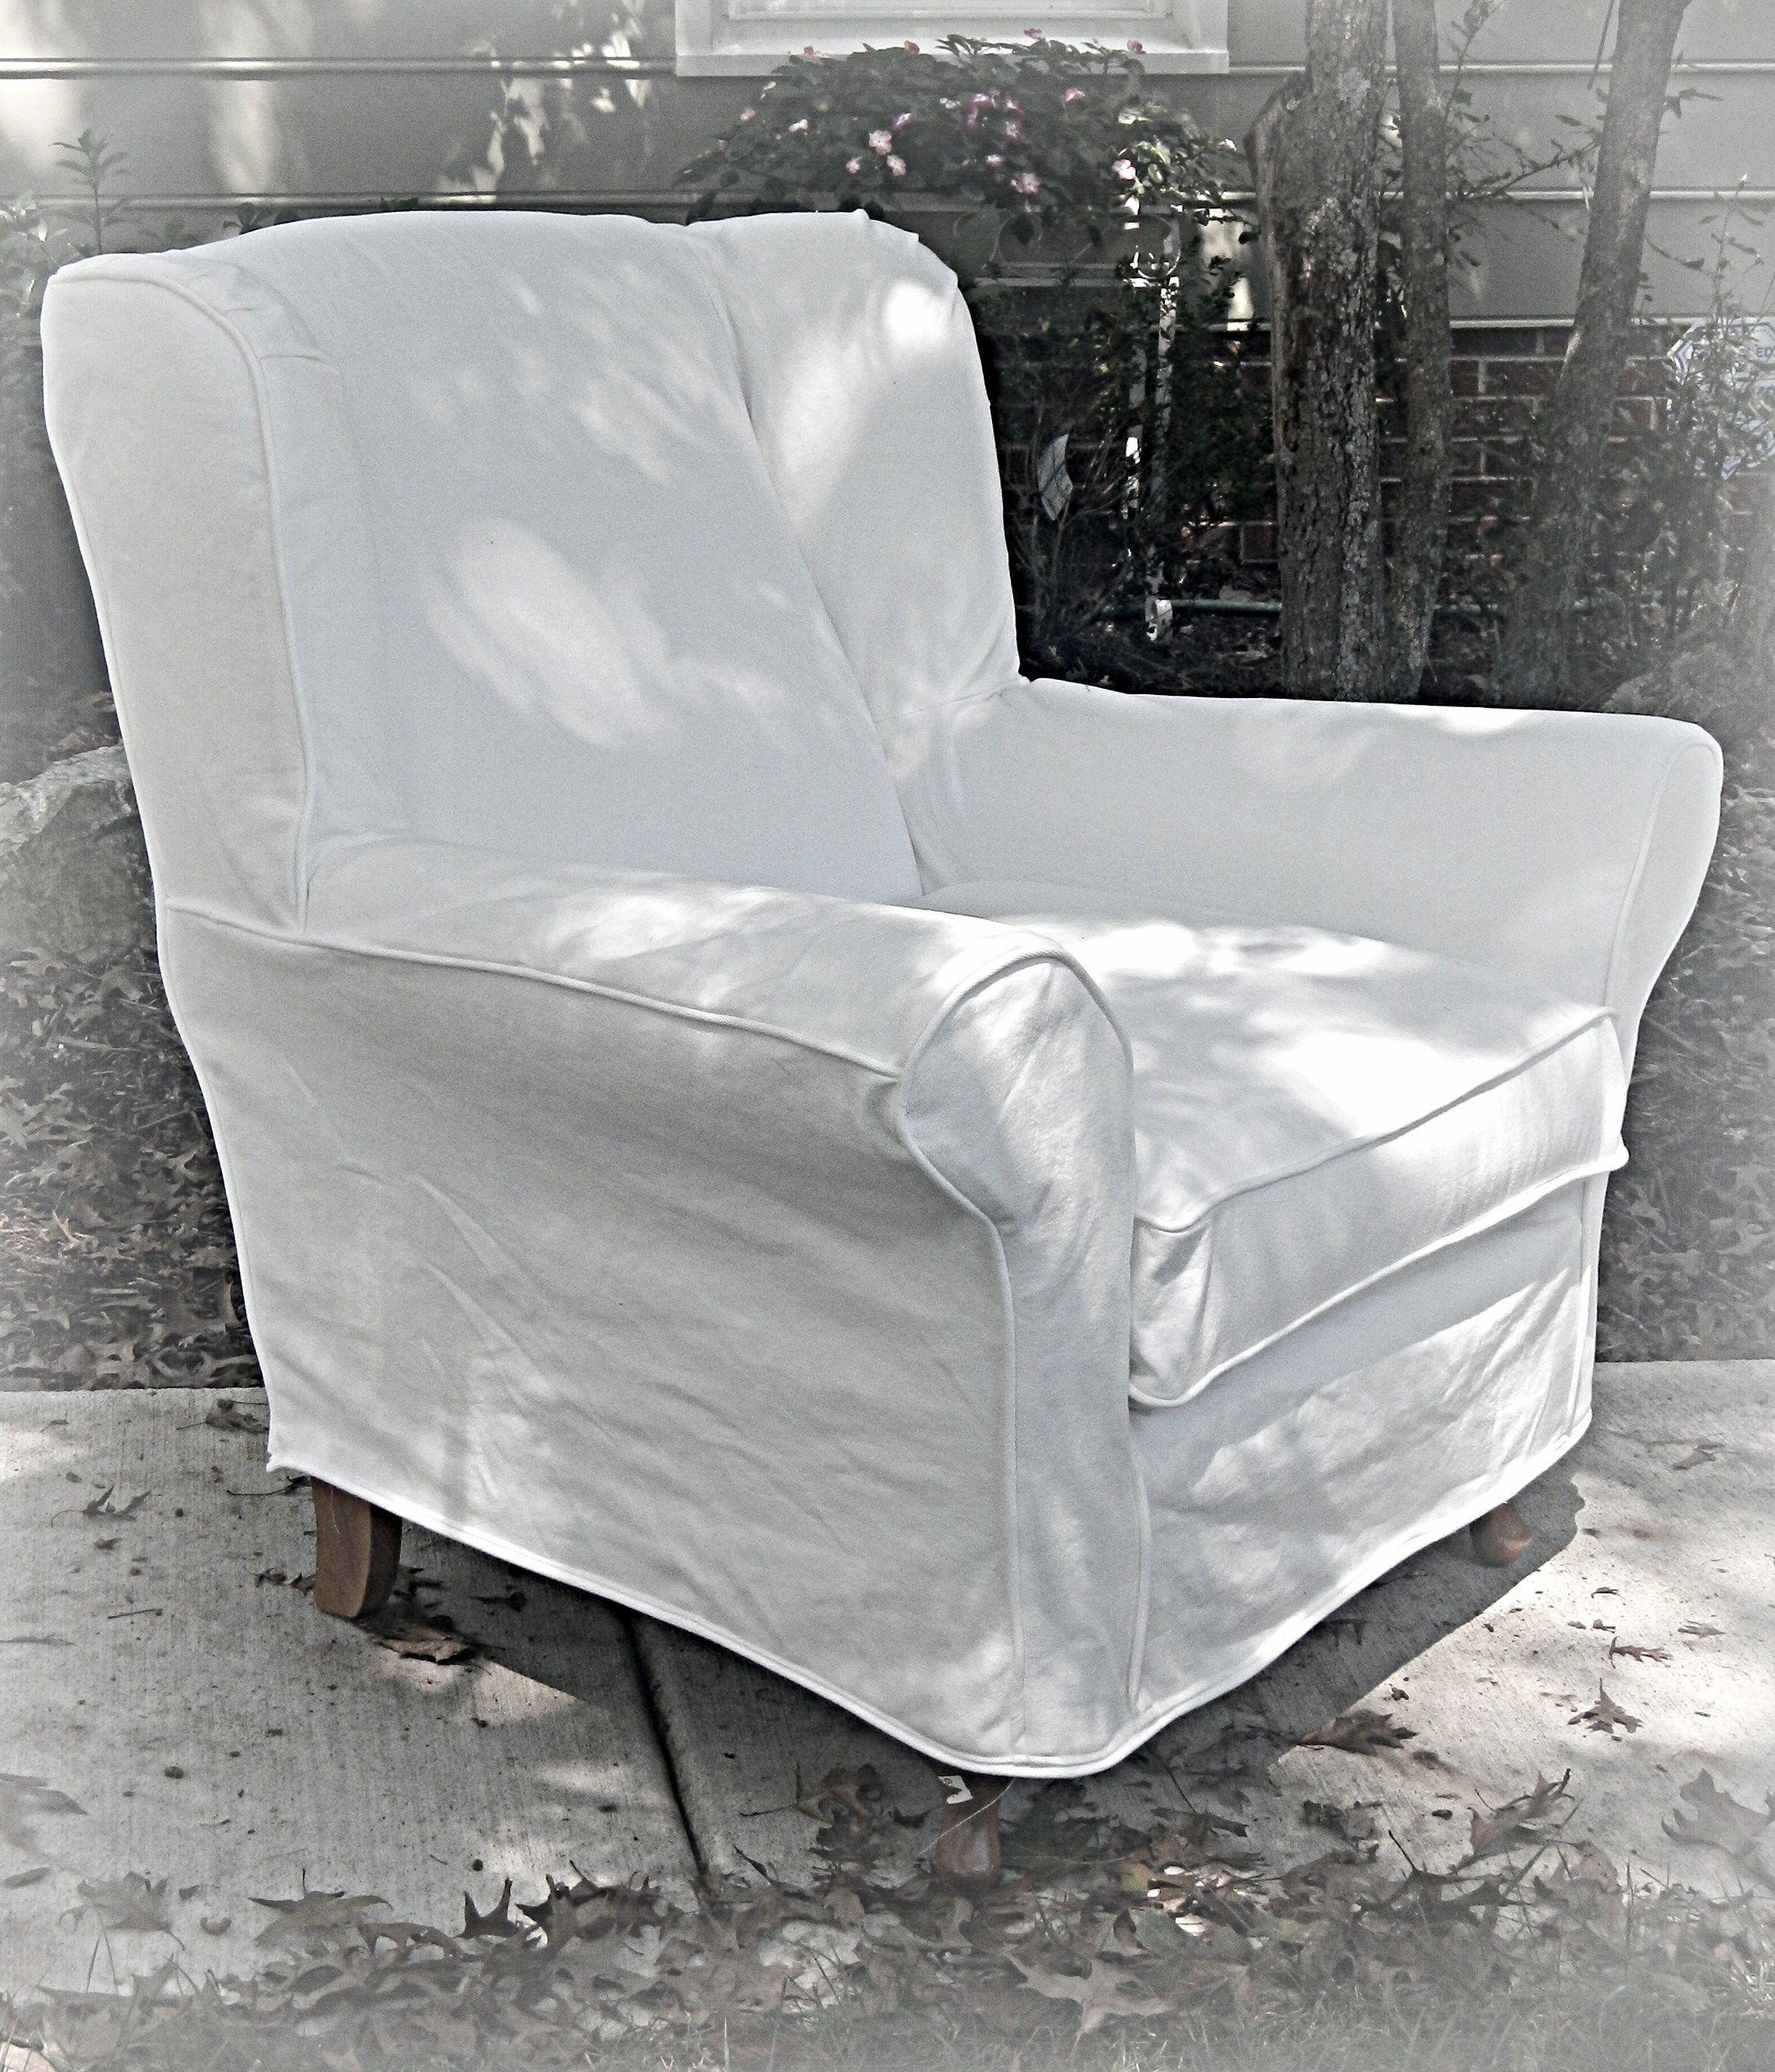 Sofa Slipcover No Sew: White Denim, No Skirt.